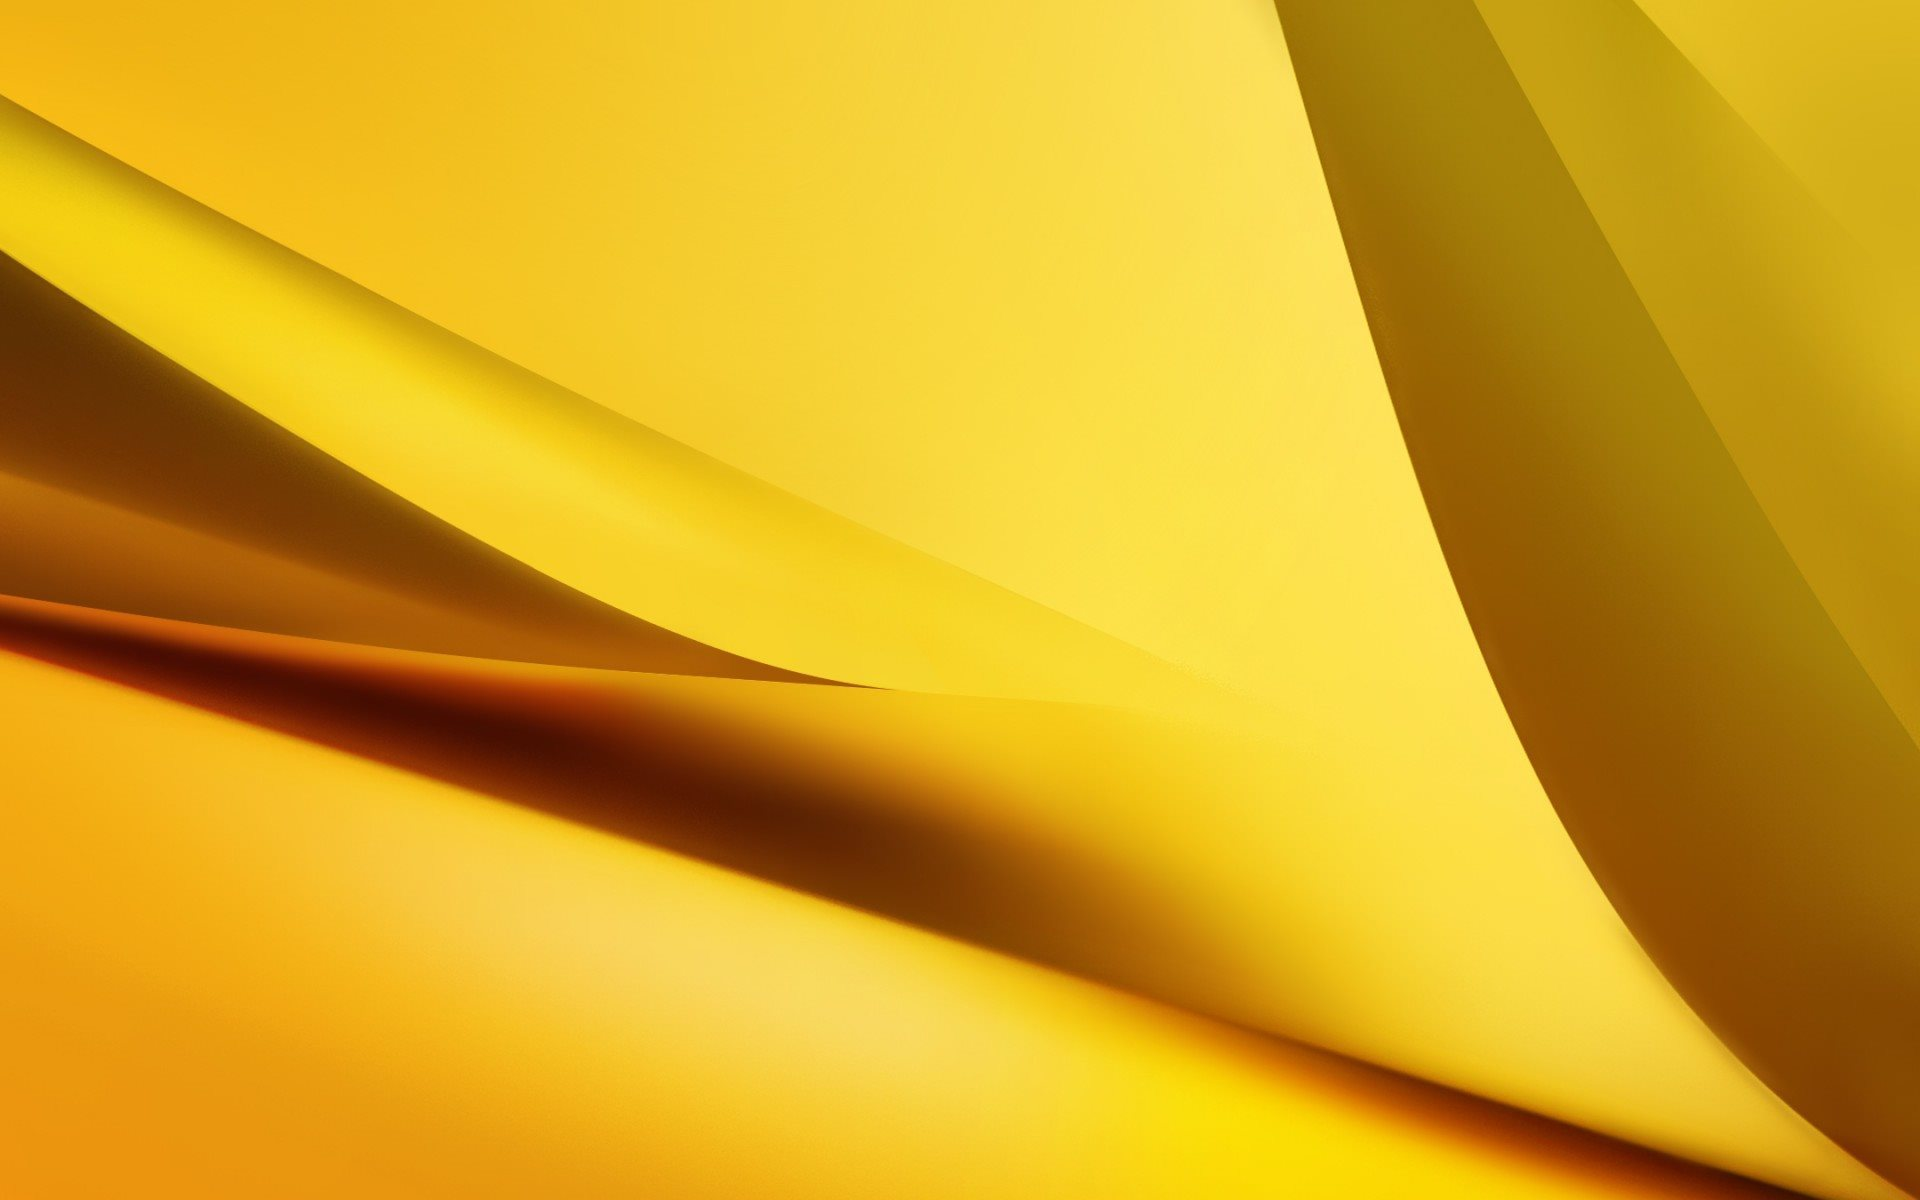 بالصور خلفية صفراء , اجمل الصور و الخلفيات باللون الاصفر 3454 6